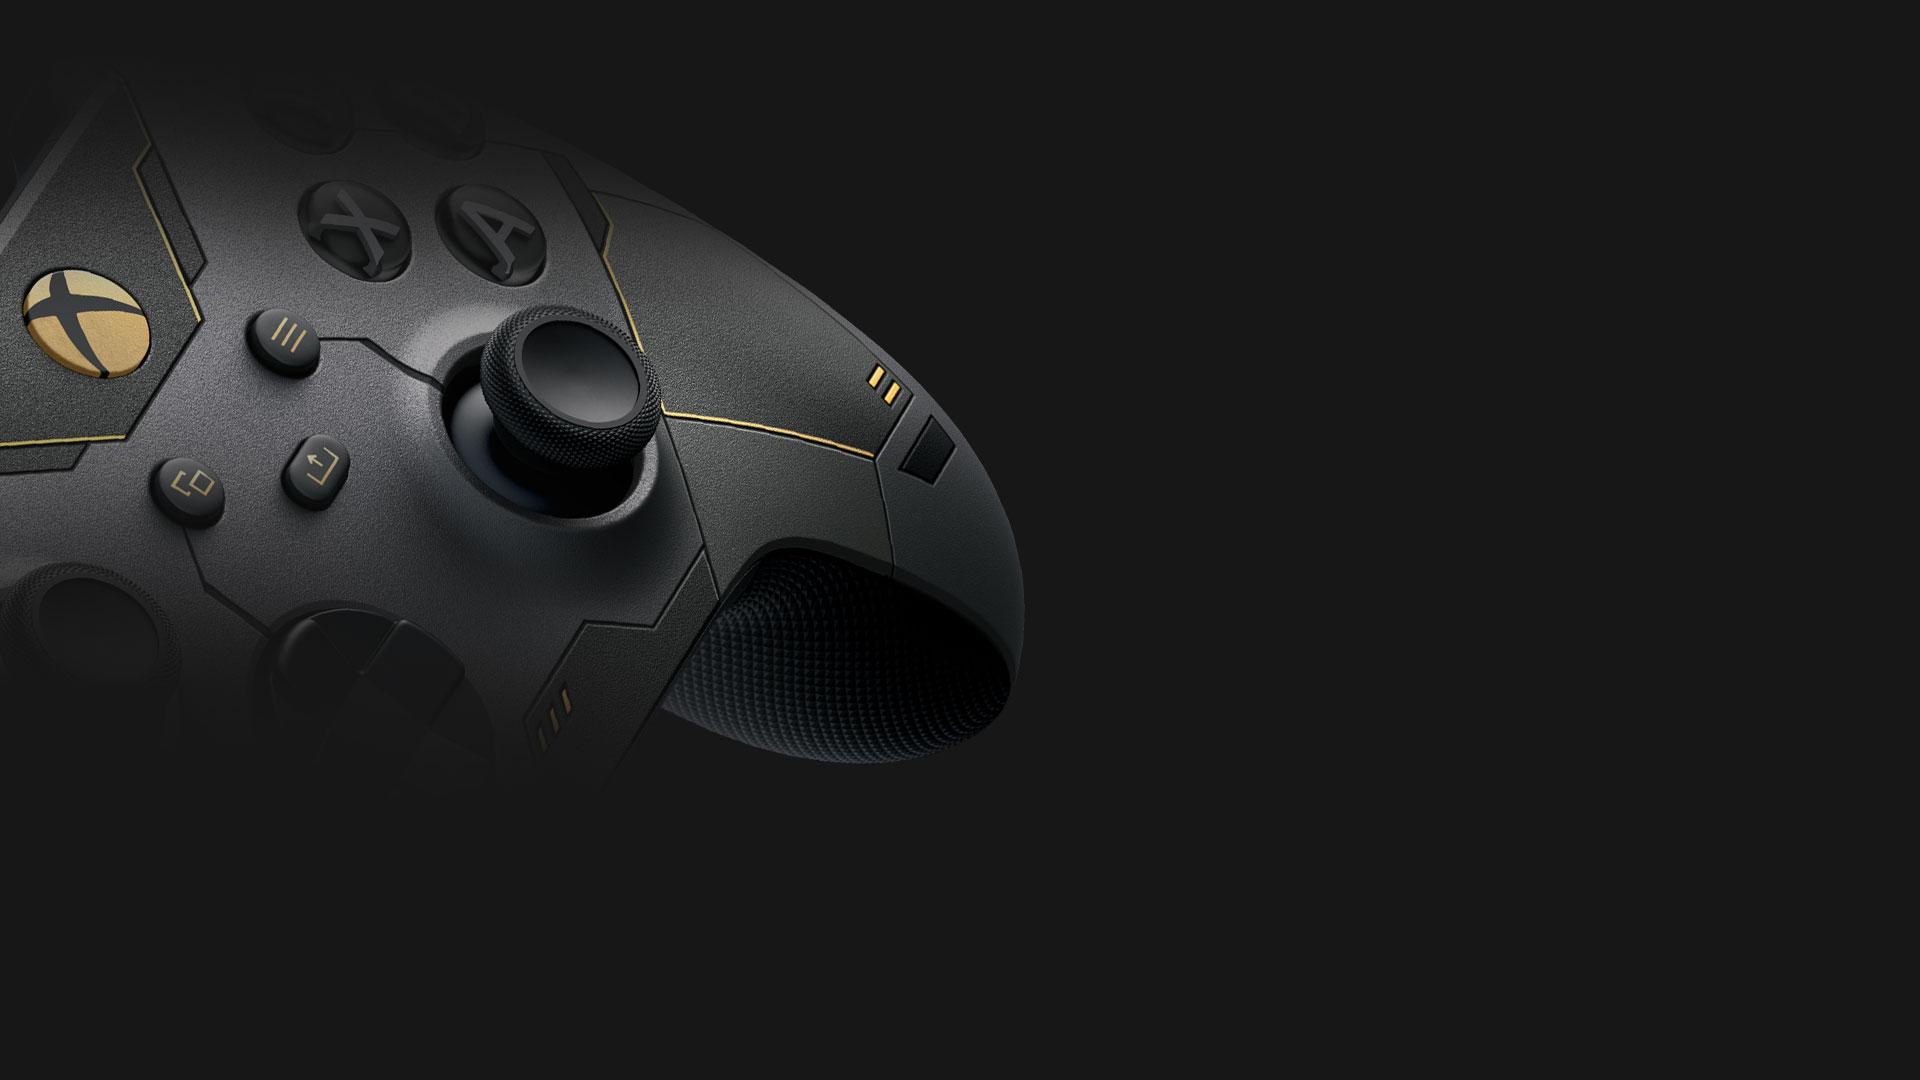 Vista angolare laterale del Controller Wireless per Xbox Halo Infinite in edizione limitata